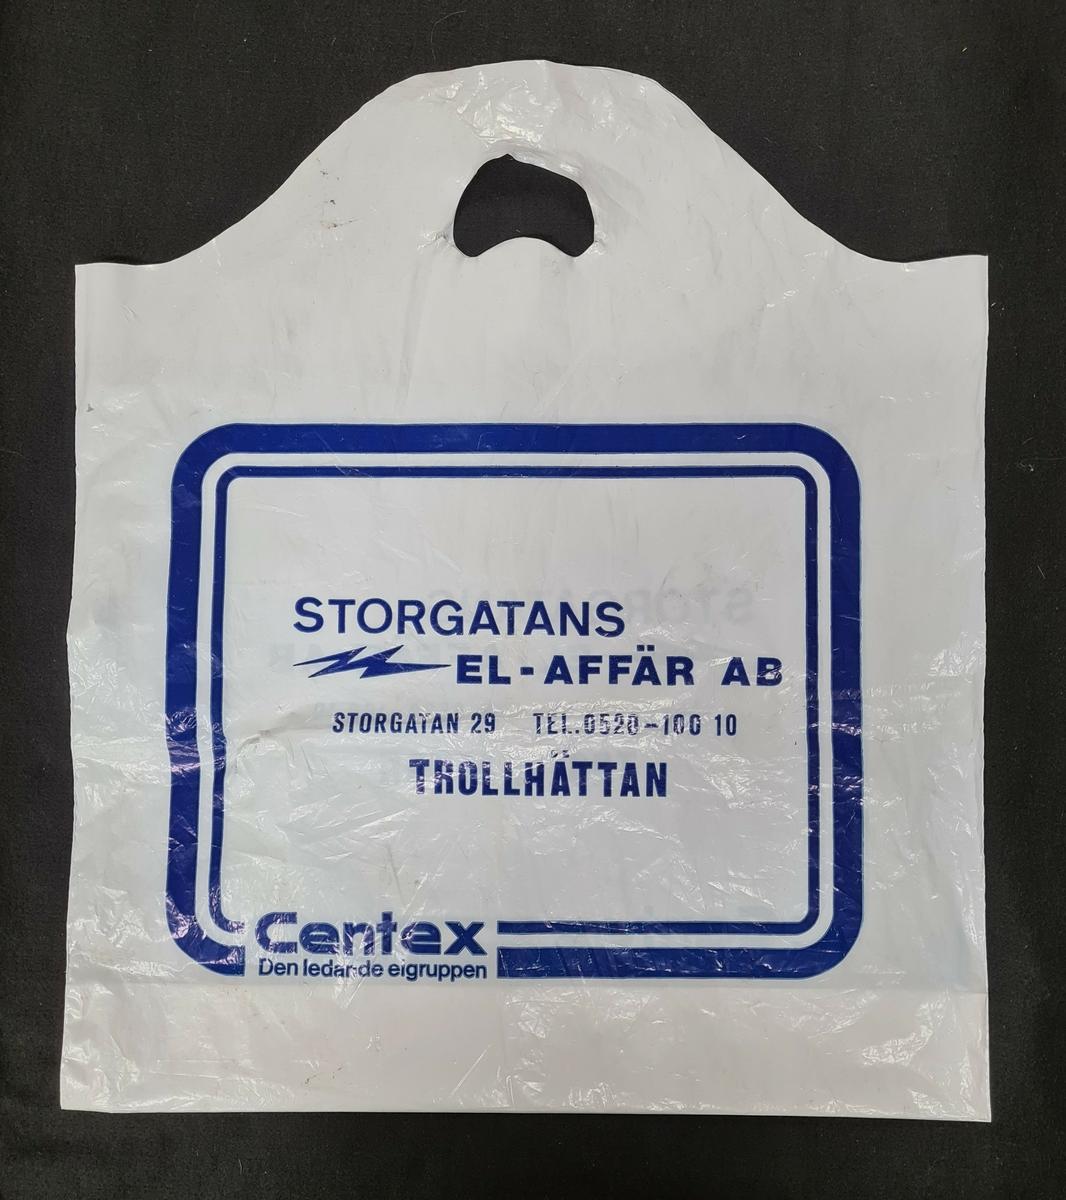 Plastkasse, vit, med logga från Storgatans el-affär i Trollhättan.   På kassen står: Storgatans el-affär ab Storgatan 29 Tel. 0520-10010 Trolhättan  Centex Den ledande elgruppen